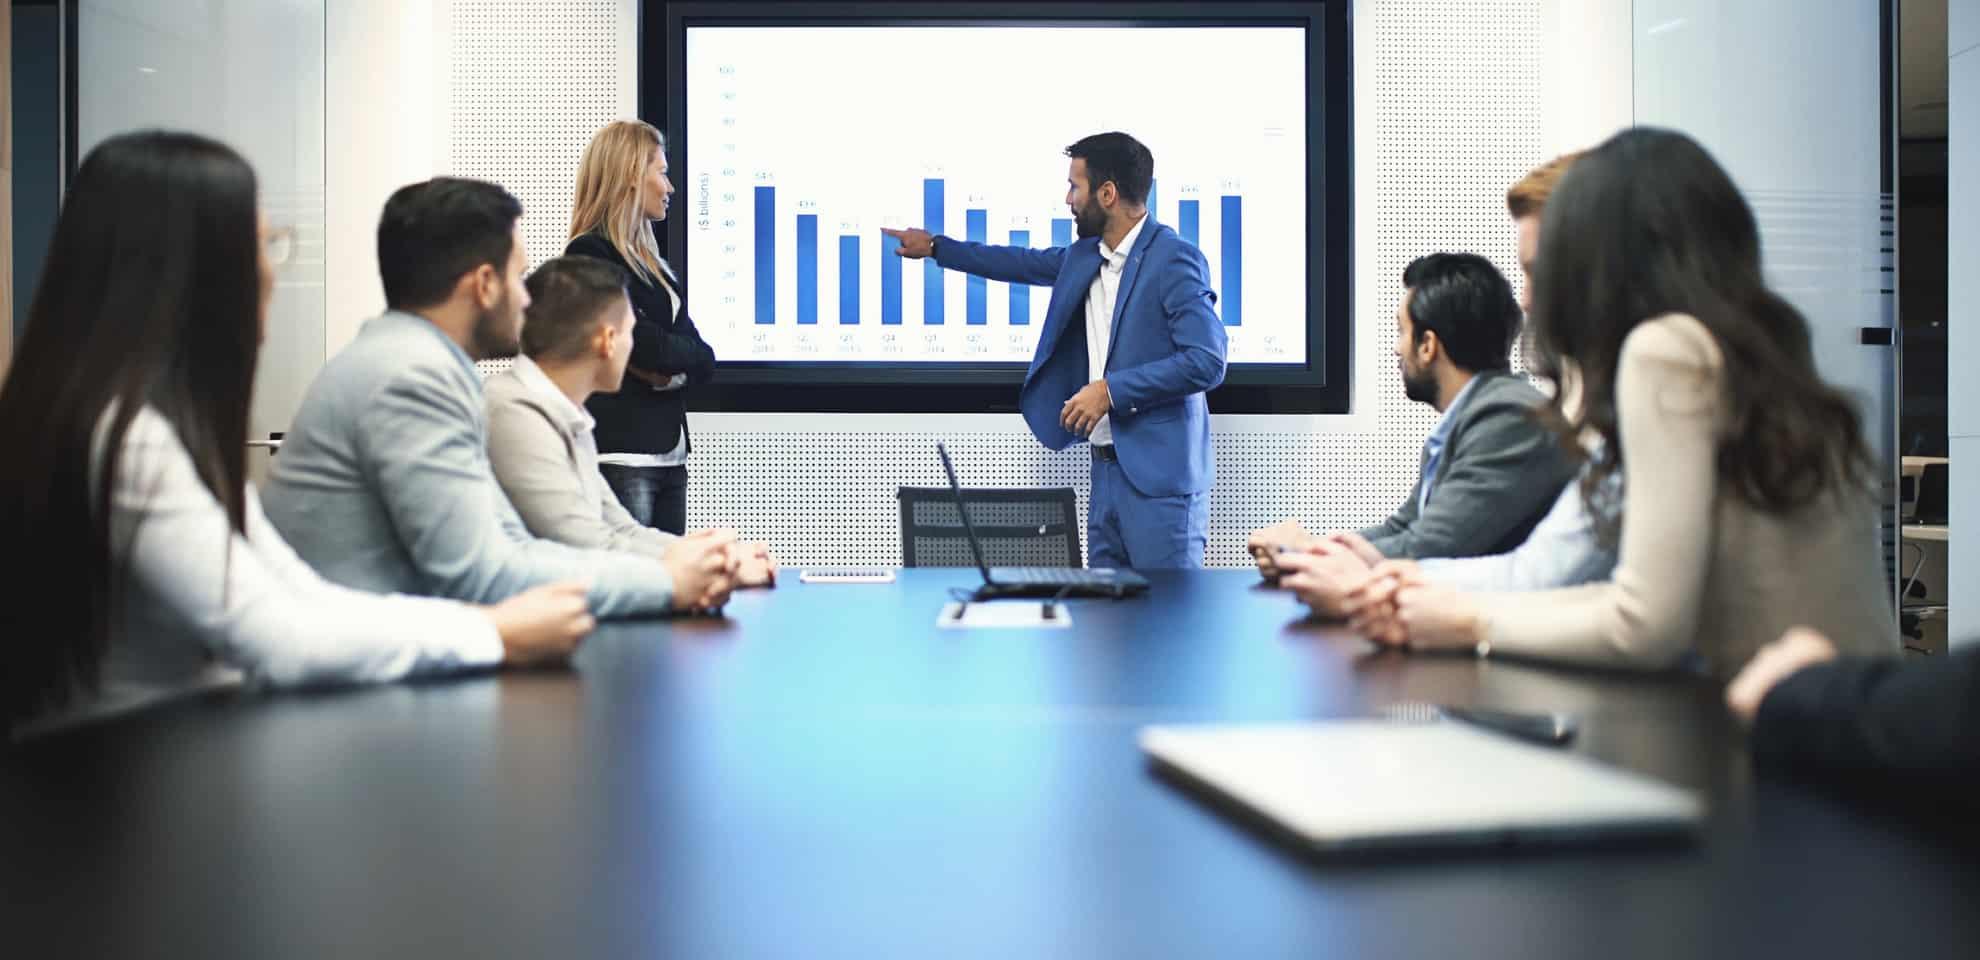 Άνοιξε η πλατφόρμα για την υποβολή δηλώσεων αναστολής συμβάσεων εργασίας- Τι πρέπει να κάνουν οι επιχειρήσεις